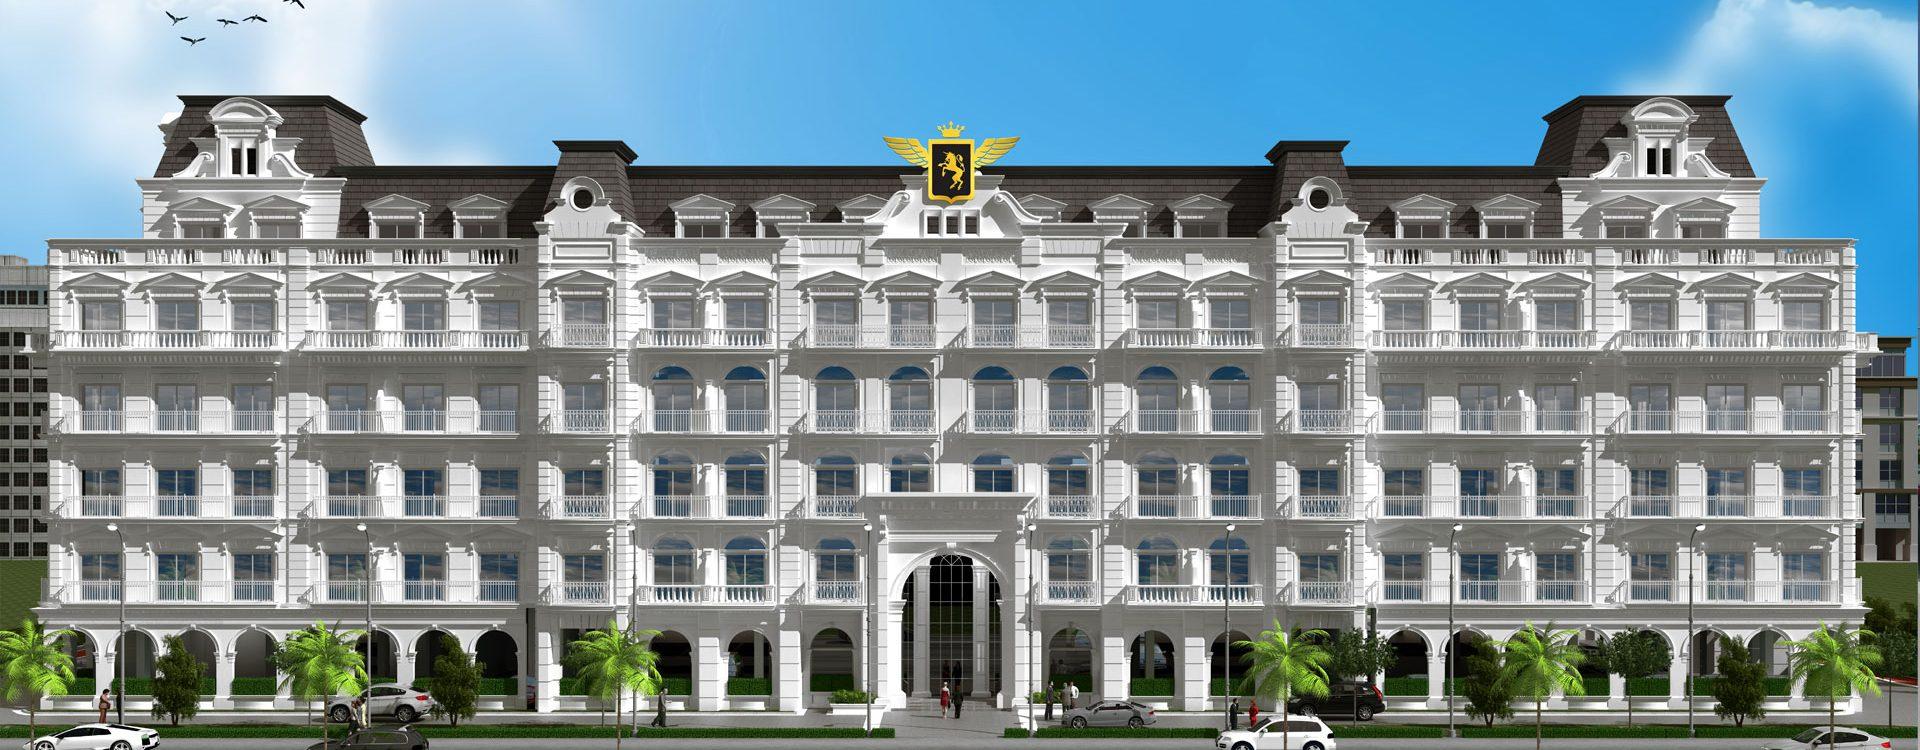 vincitore palacio front view